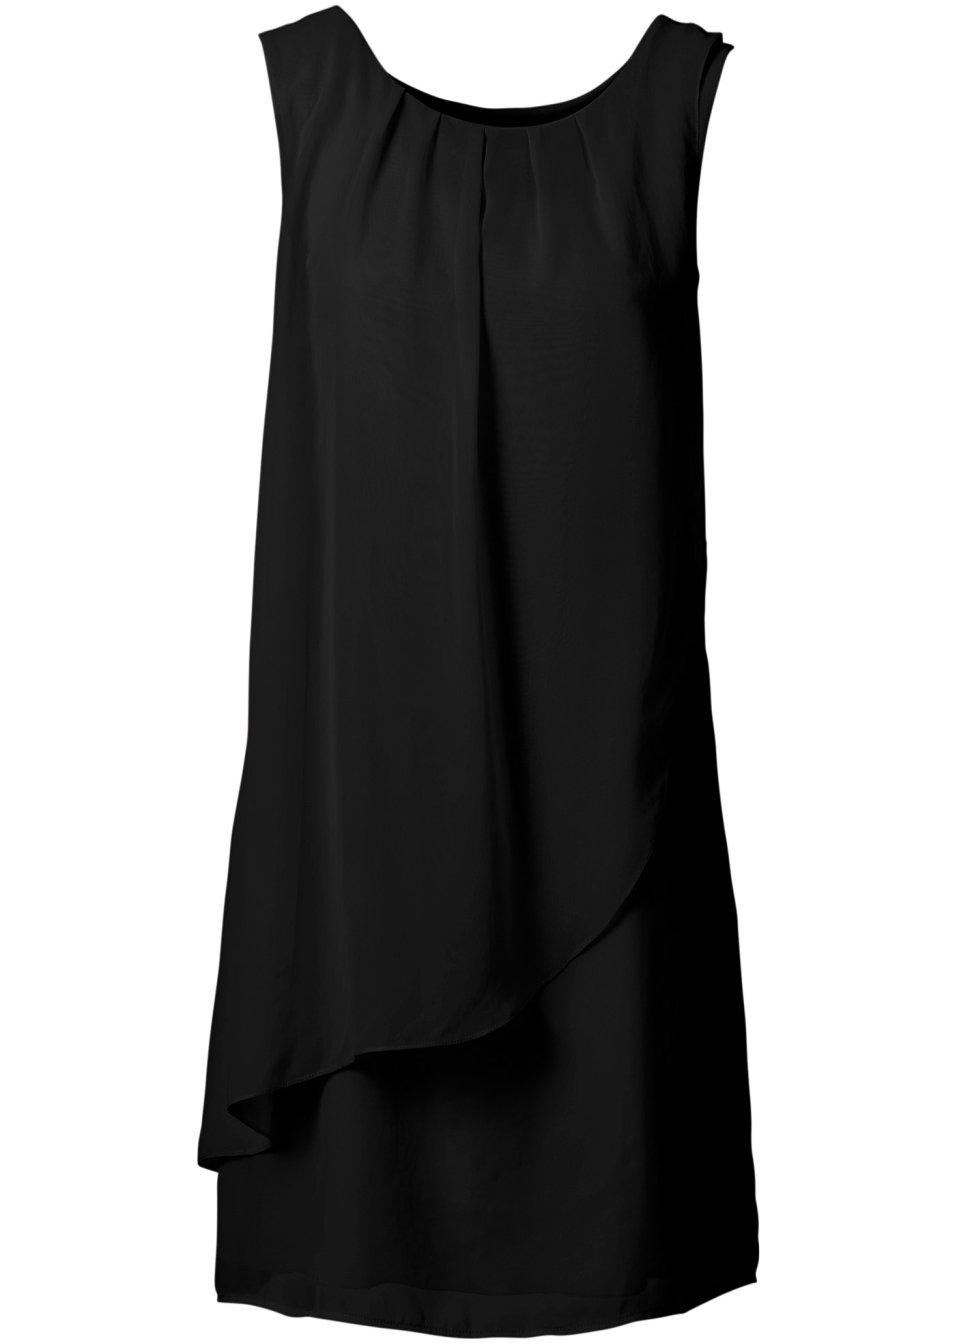 bezauberndes kleid im eleganten design schwarz. Black Bedroom Furniture Sets. Home Design Ideas